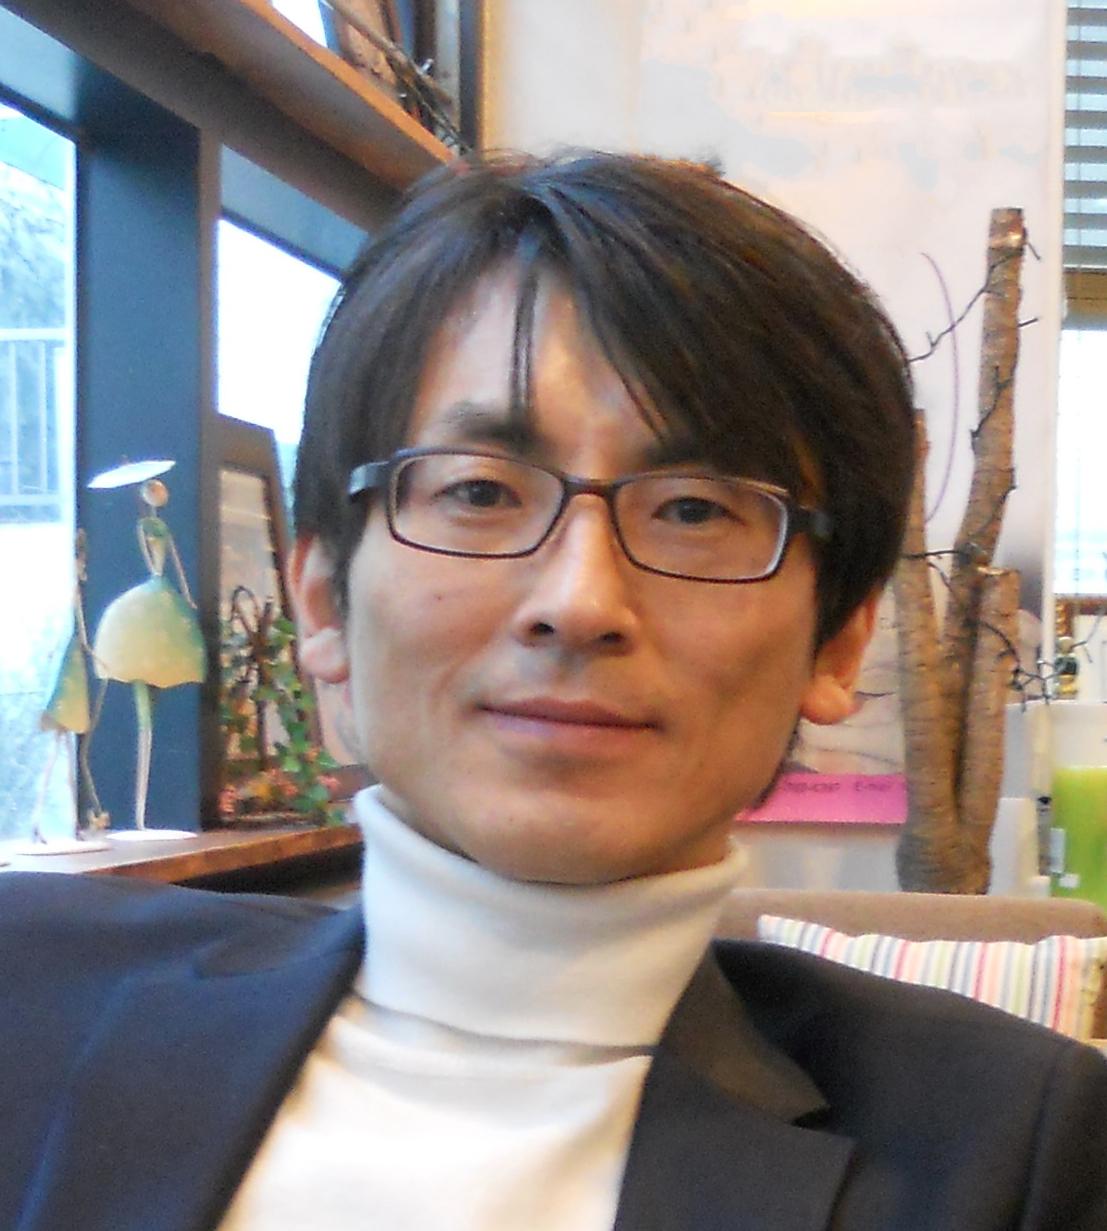 김규동(金圭東)사진